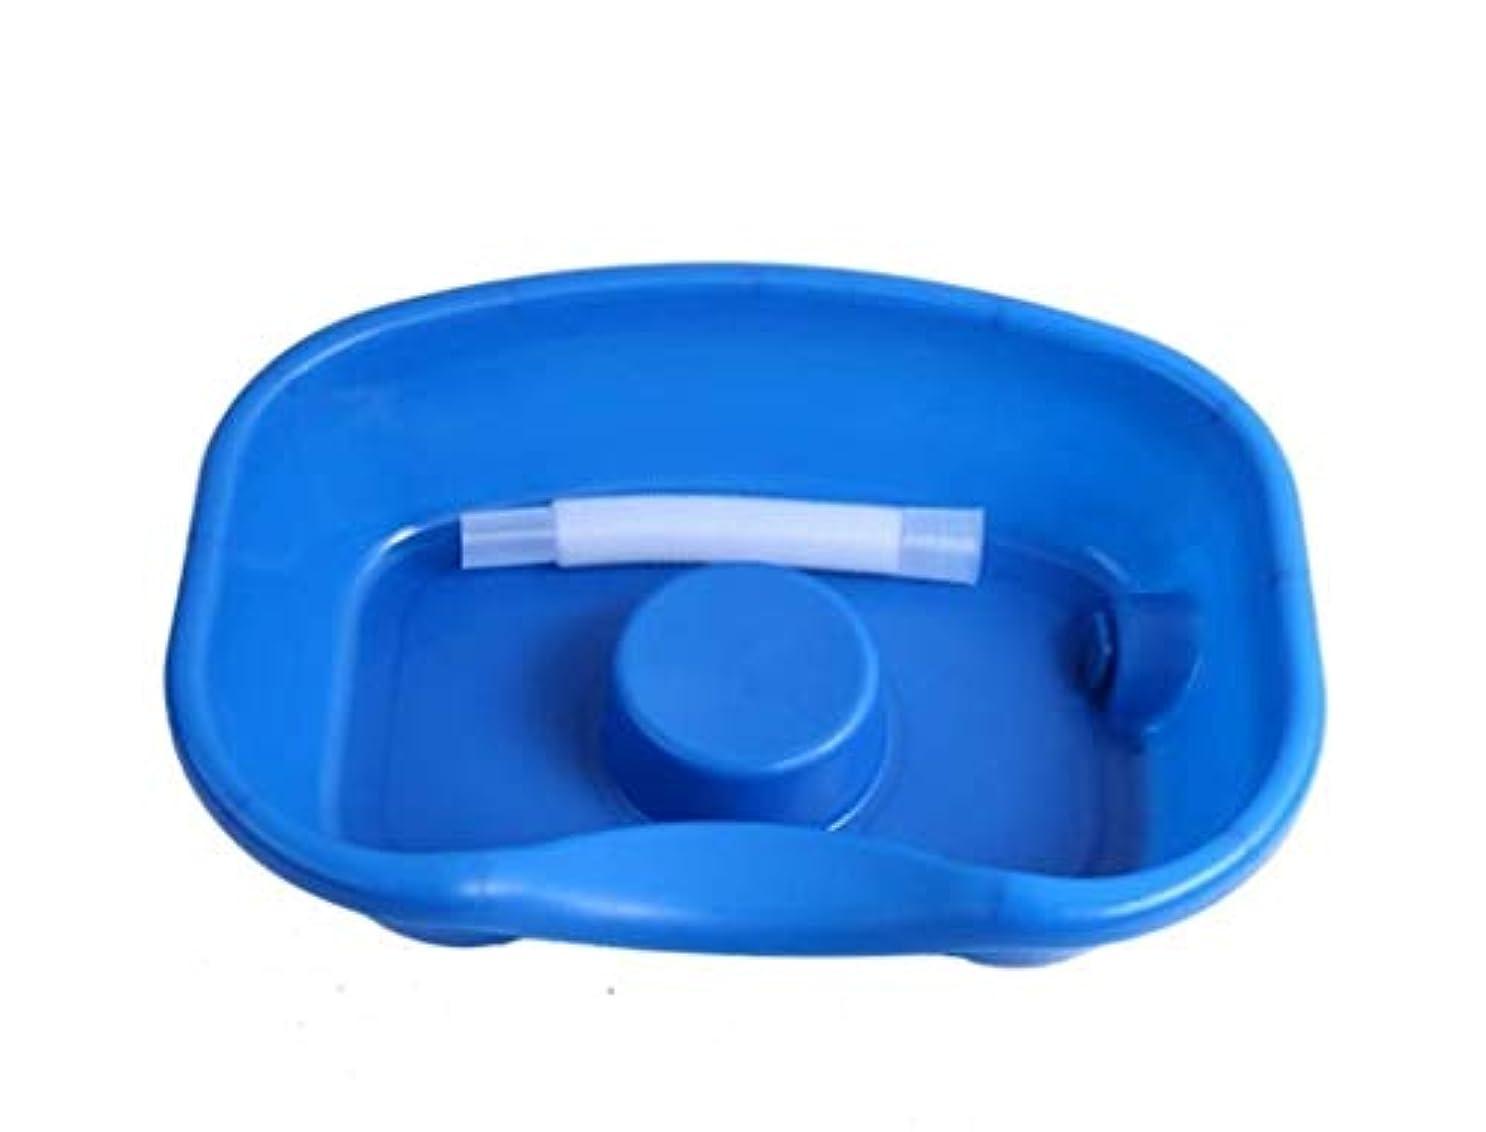 入口ビクタービリーヤギ看護ベッド用ブルーシャンプー盆地、障害者用シャンプートレイ、高齢者、患者妊婦